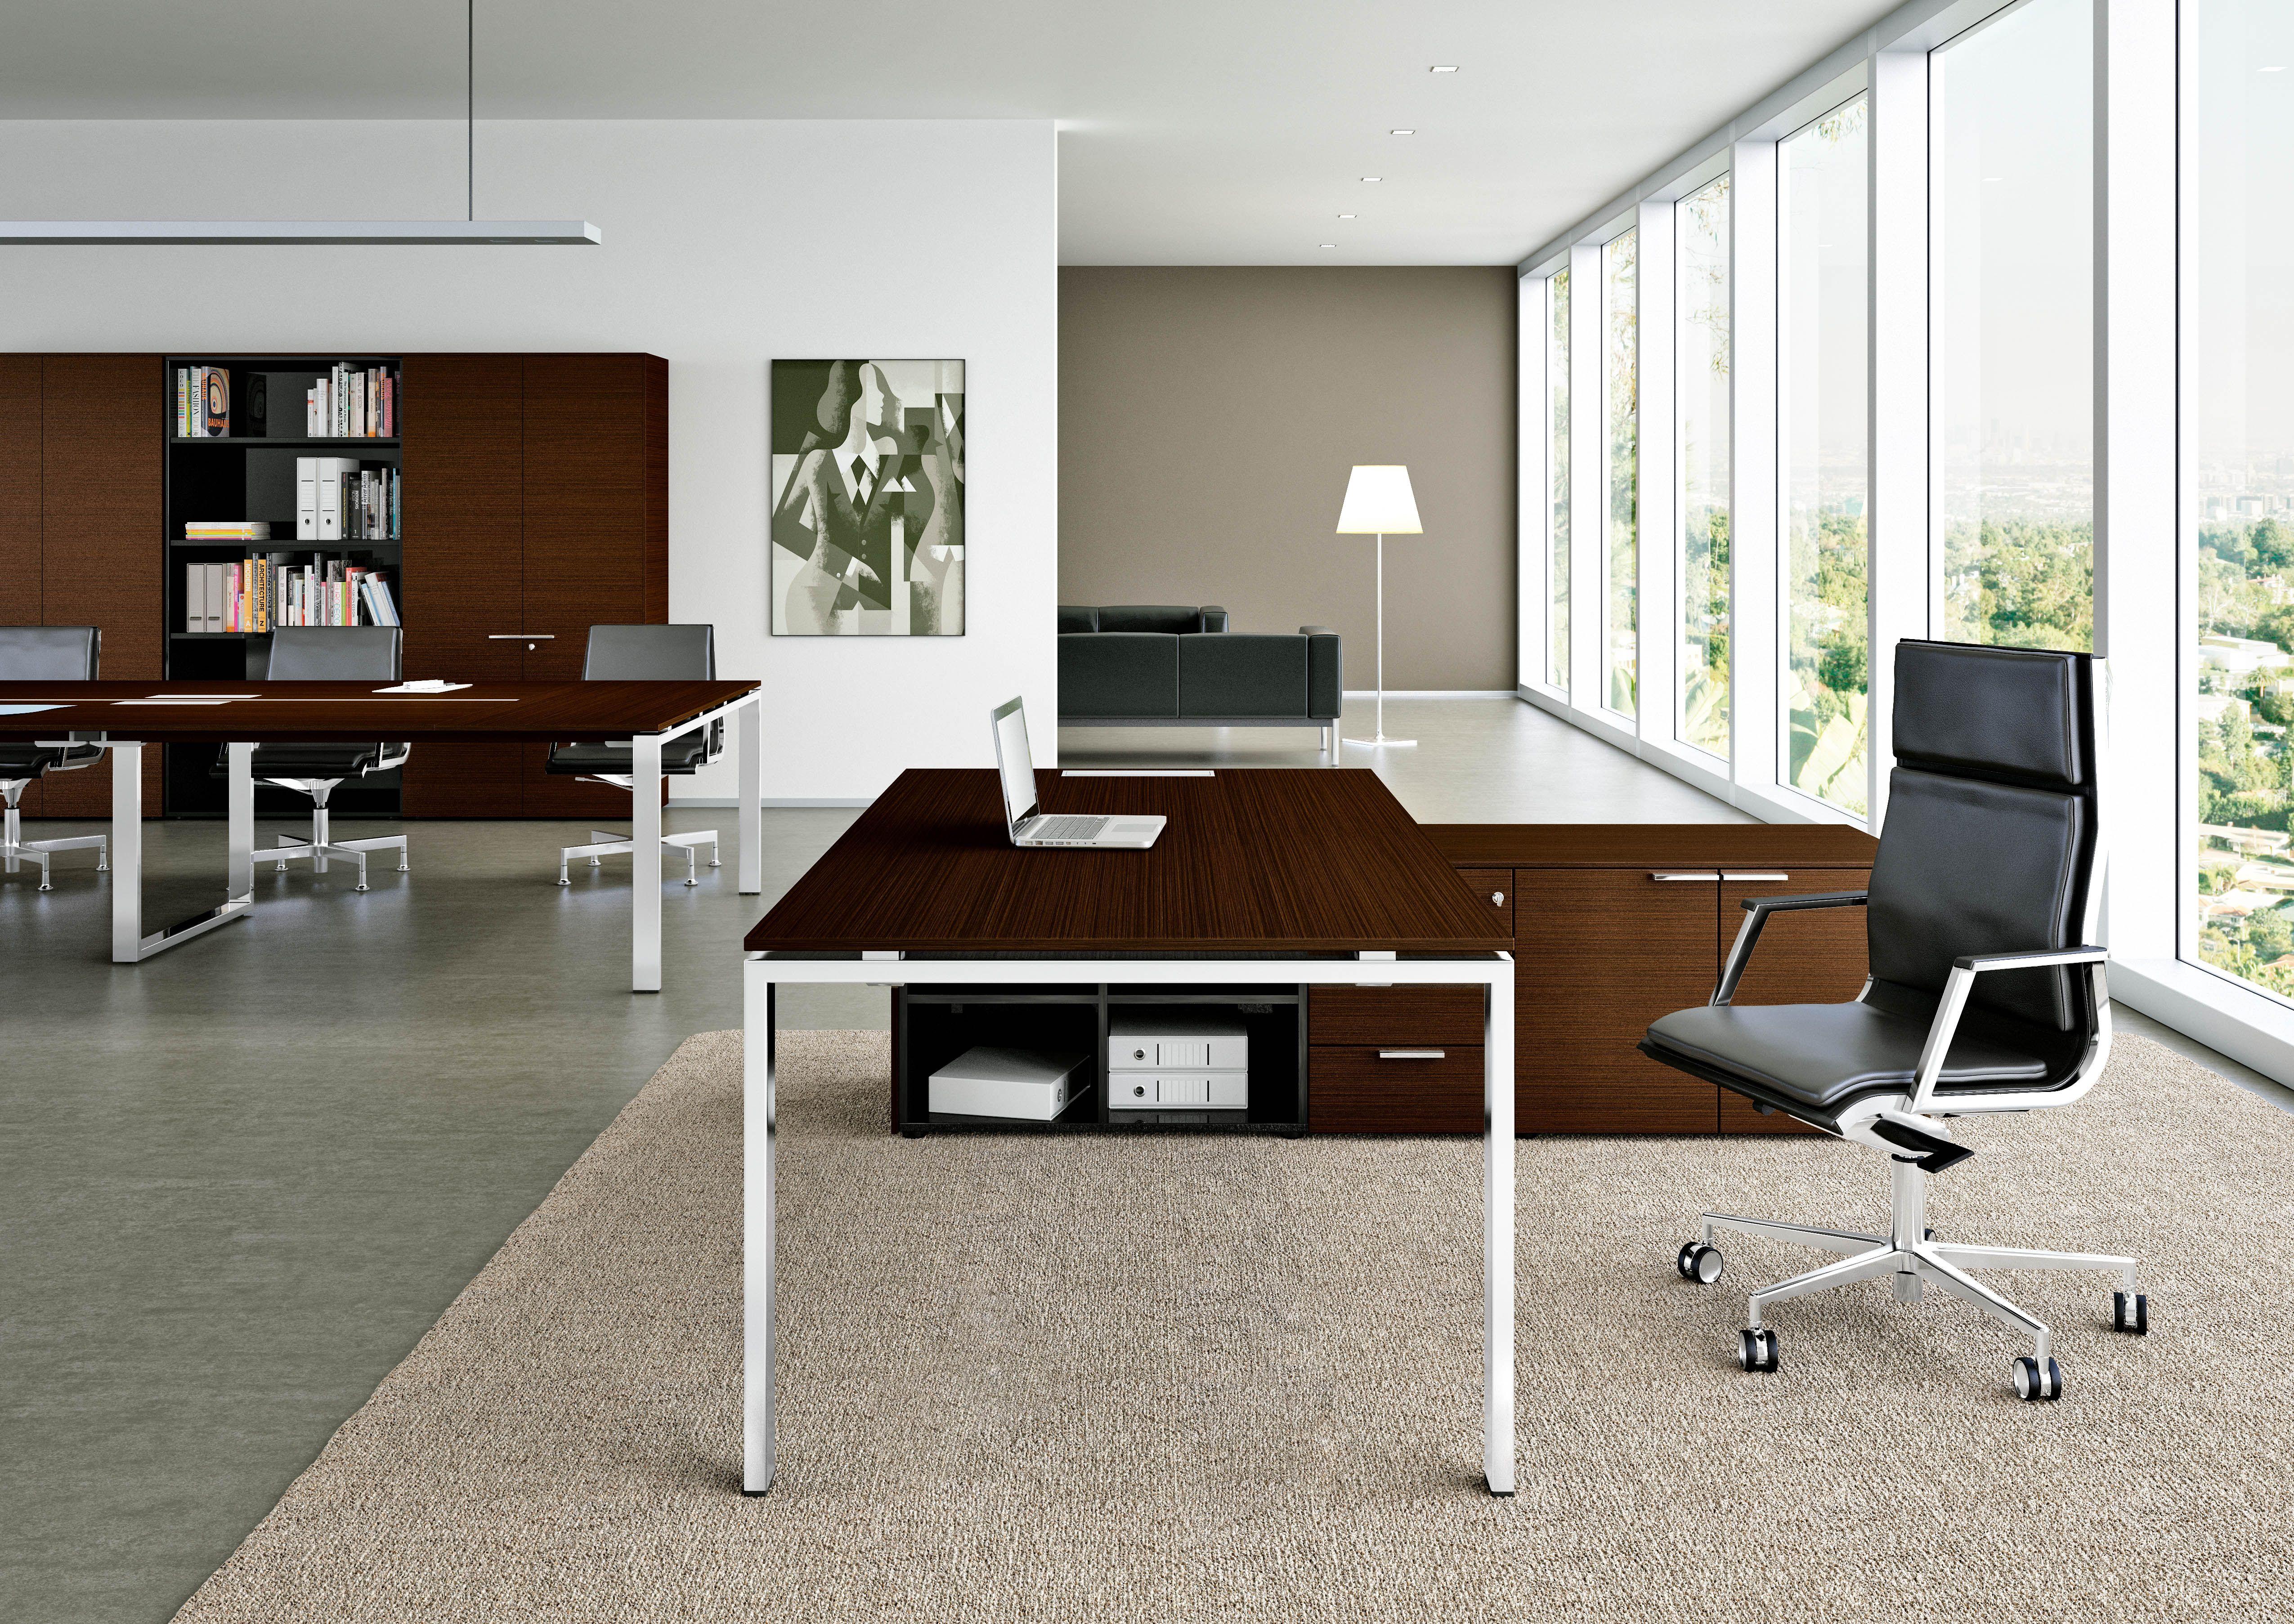 19 besten Chefbüro Platinum-4 Schreibtisch Chefschreibtisch Bilder ...